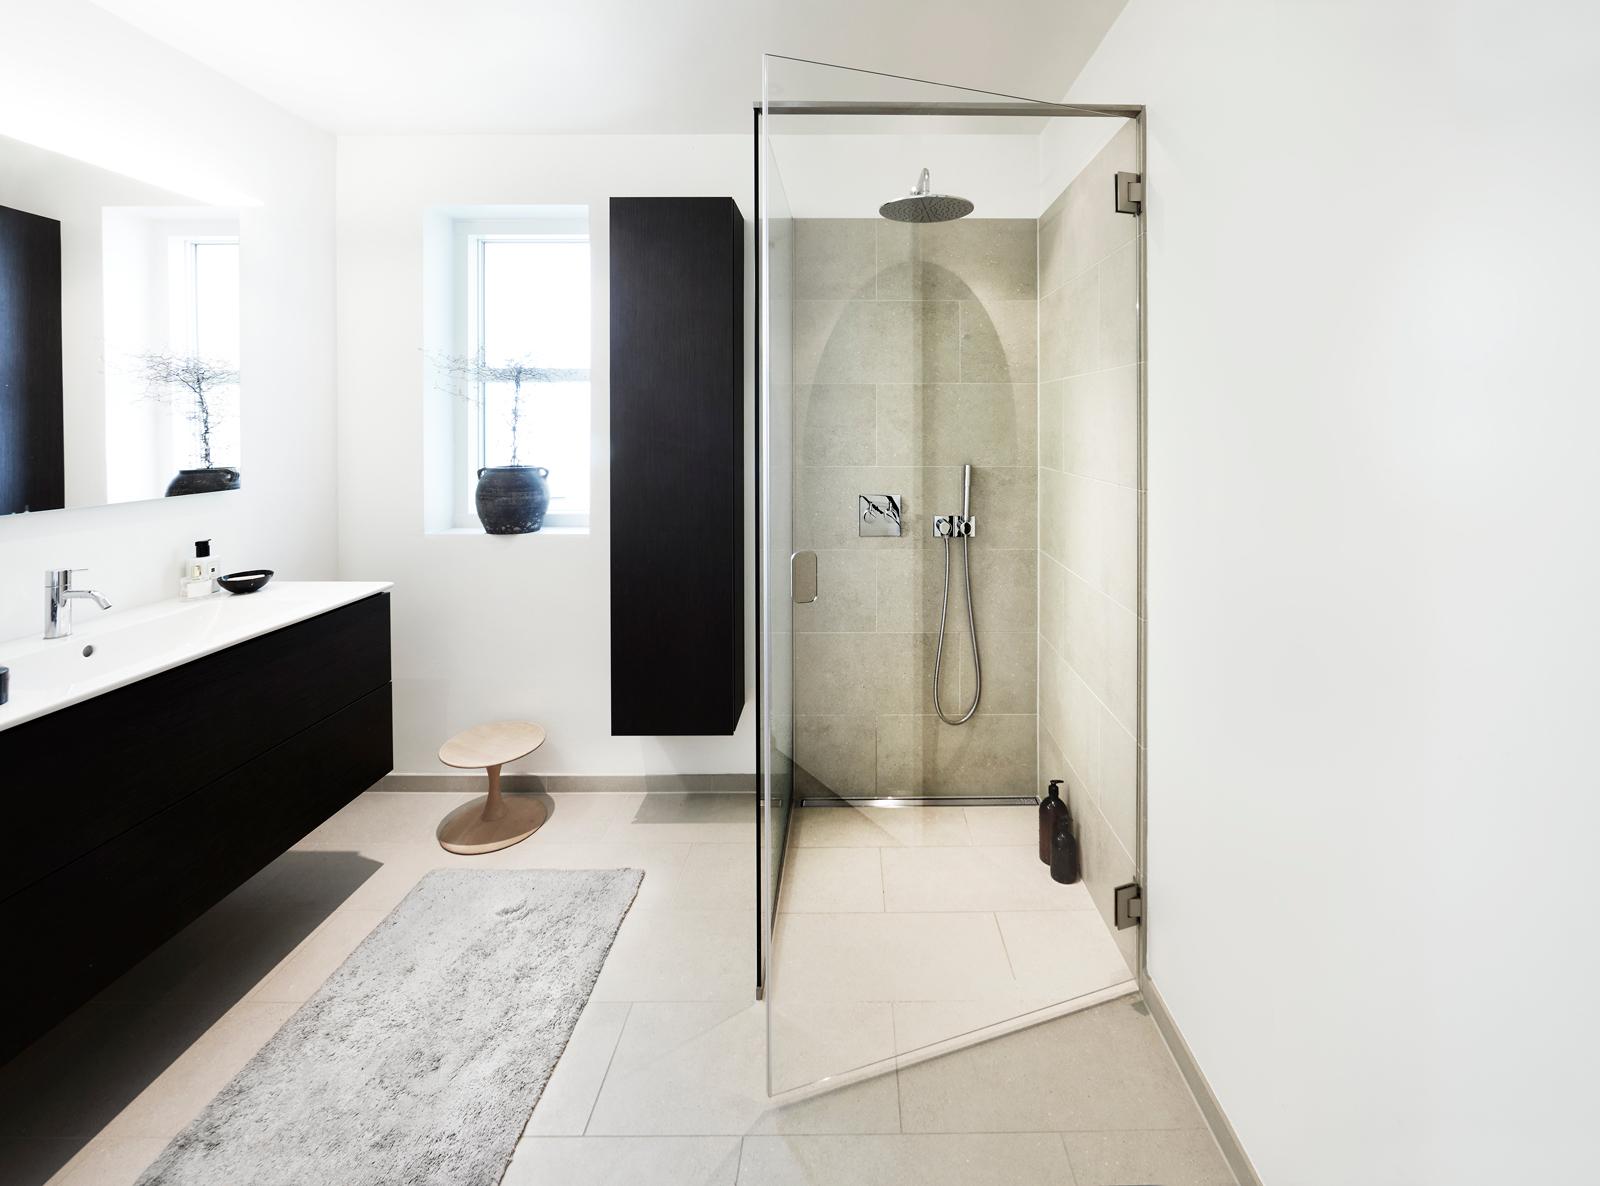 Das Vollendete Badezimmer Wird Erst Mit Großen Fliesen Und - Wie schwer sind fliesen